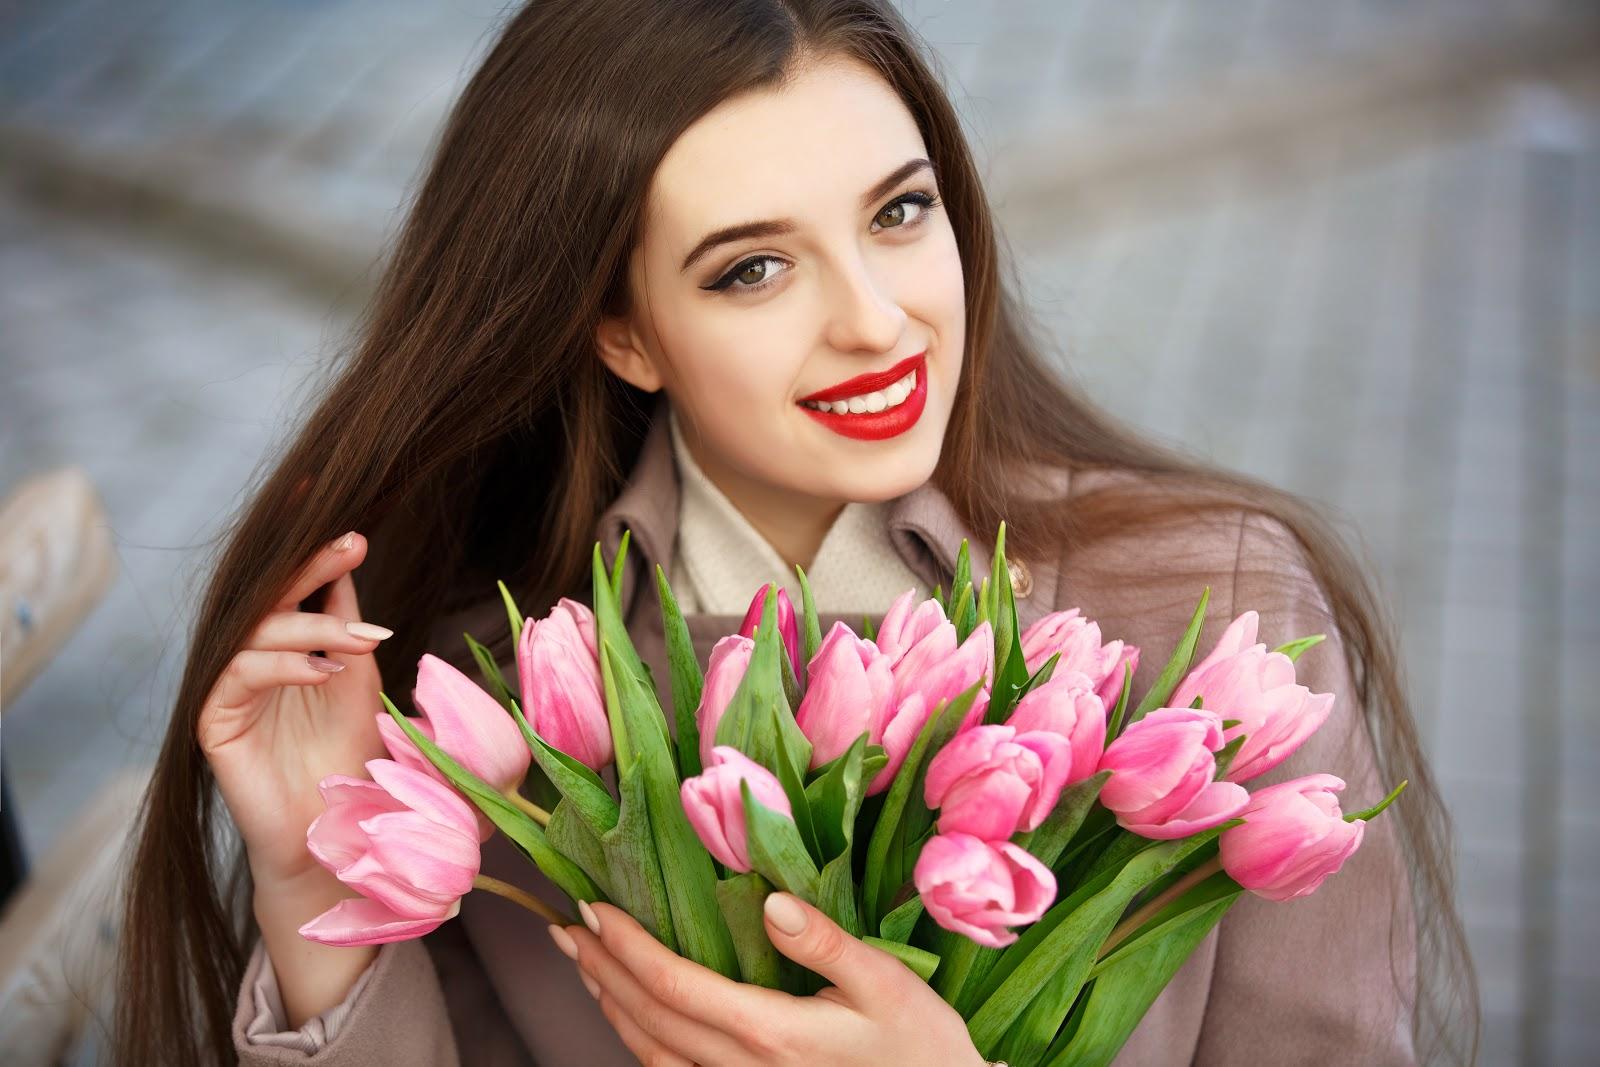 Какие цветы подарить на День влюбленных любимой девушке или жене